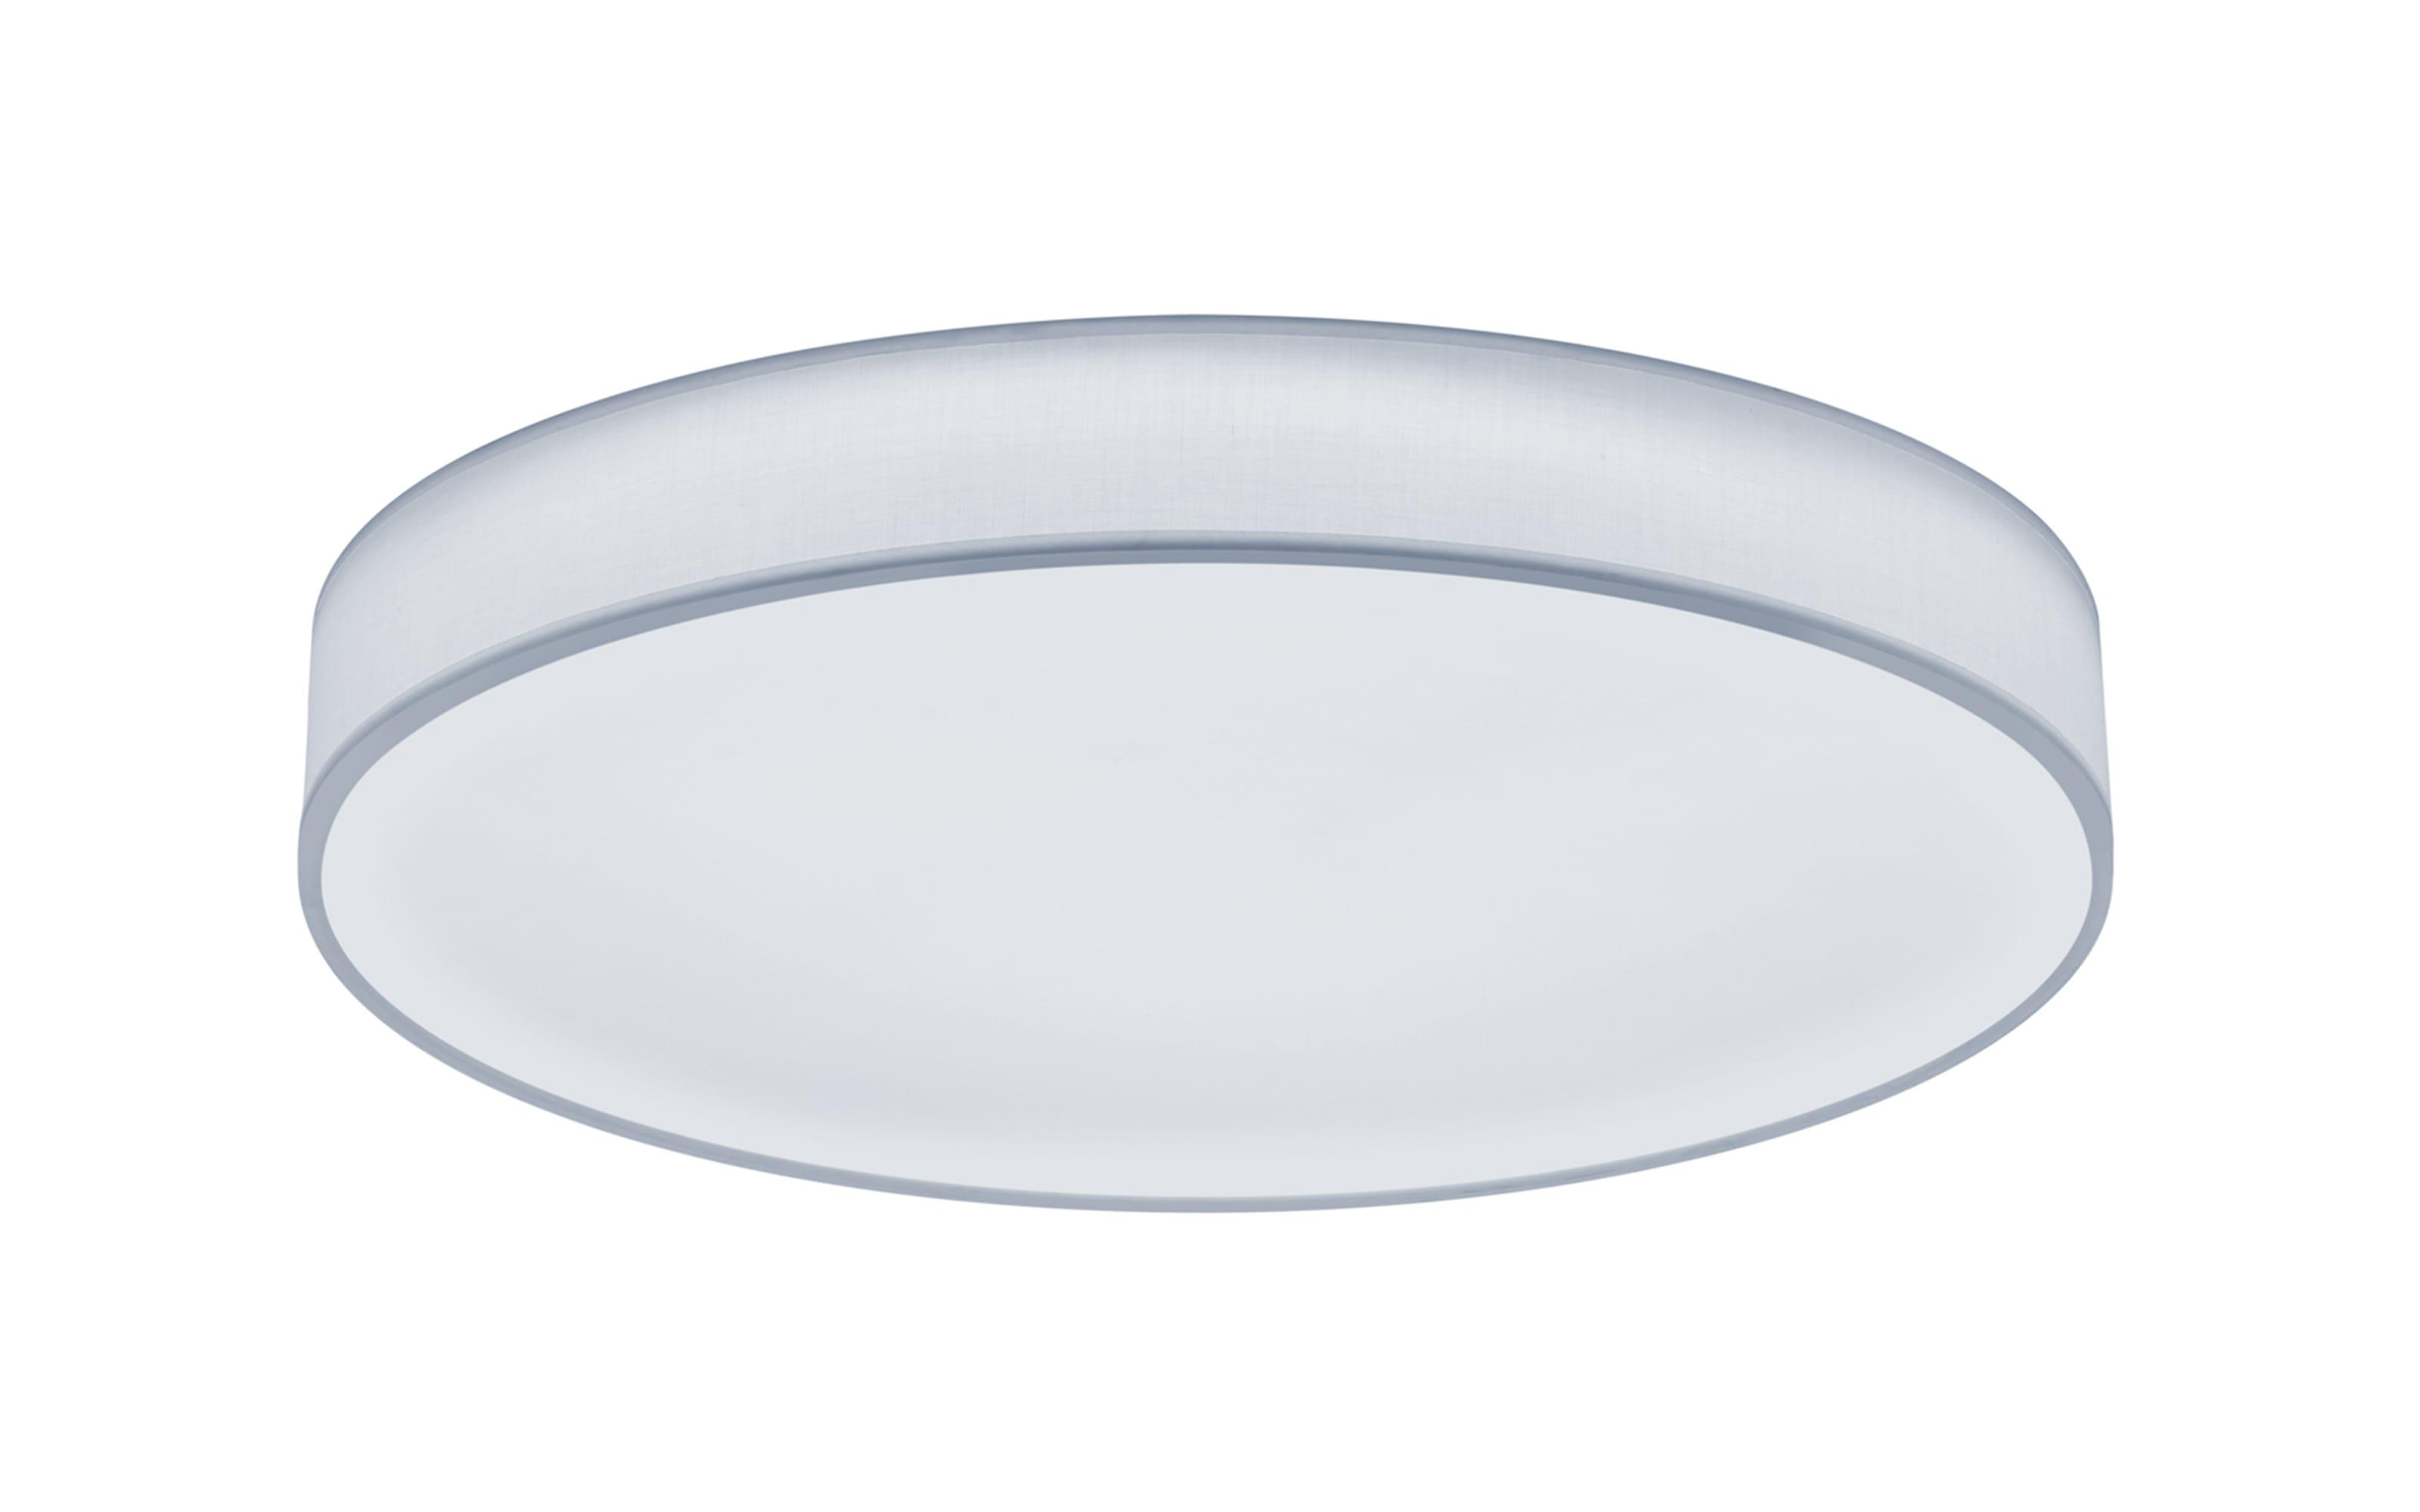 LED-Deckenleuchte Lugano in weiß